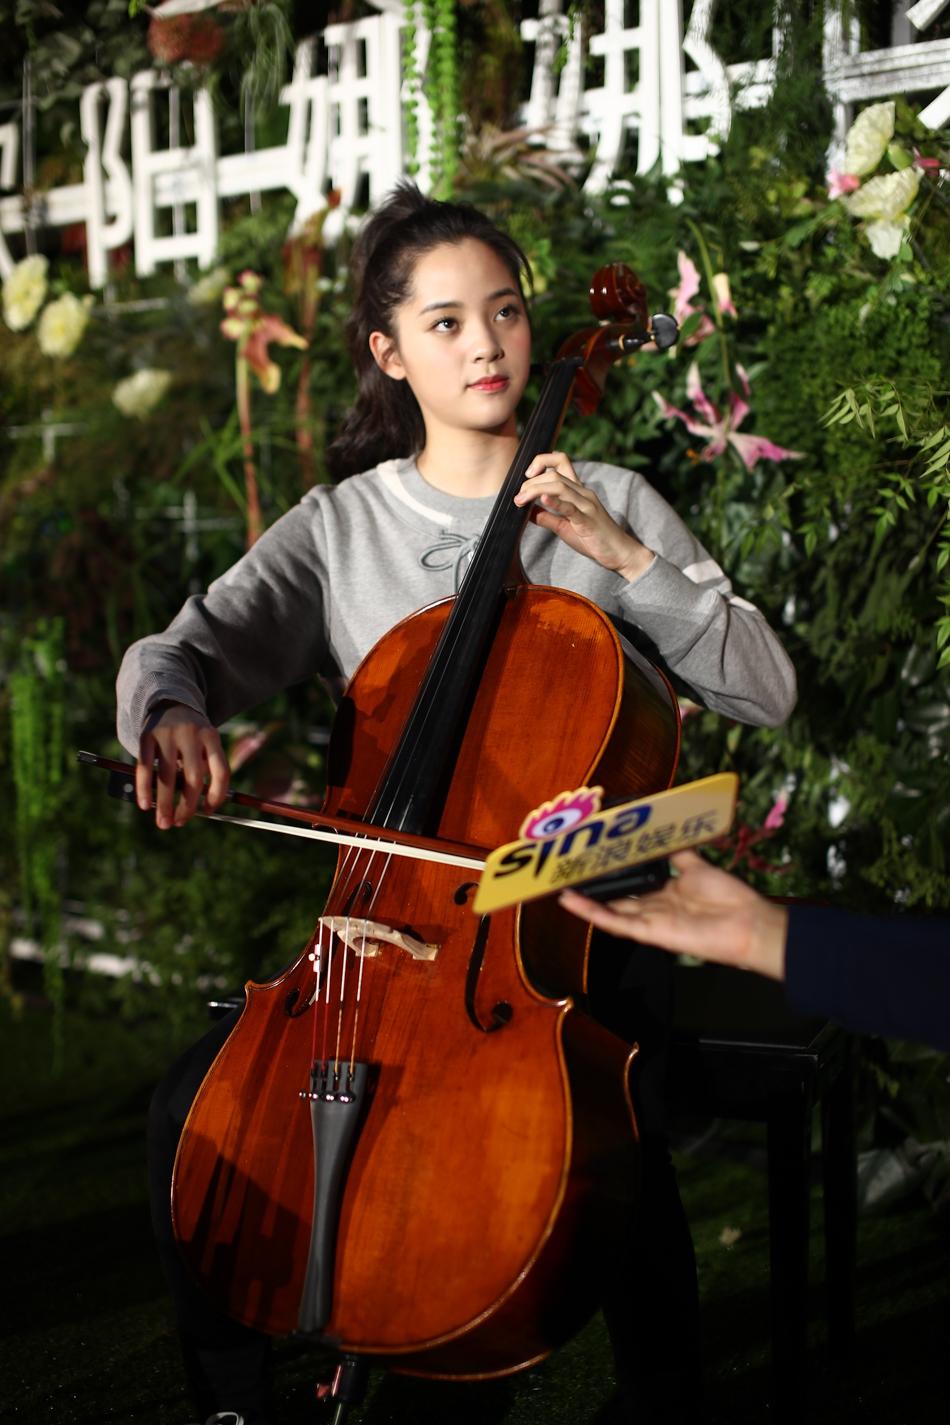 欧阳娜娜挑战大提琴演奏流行歌曲